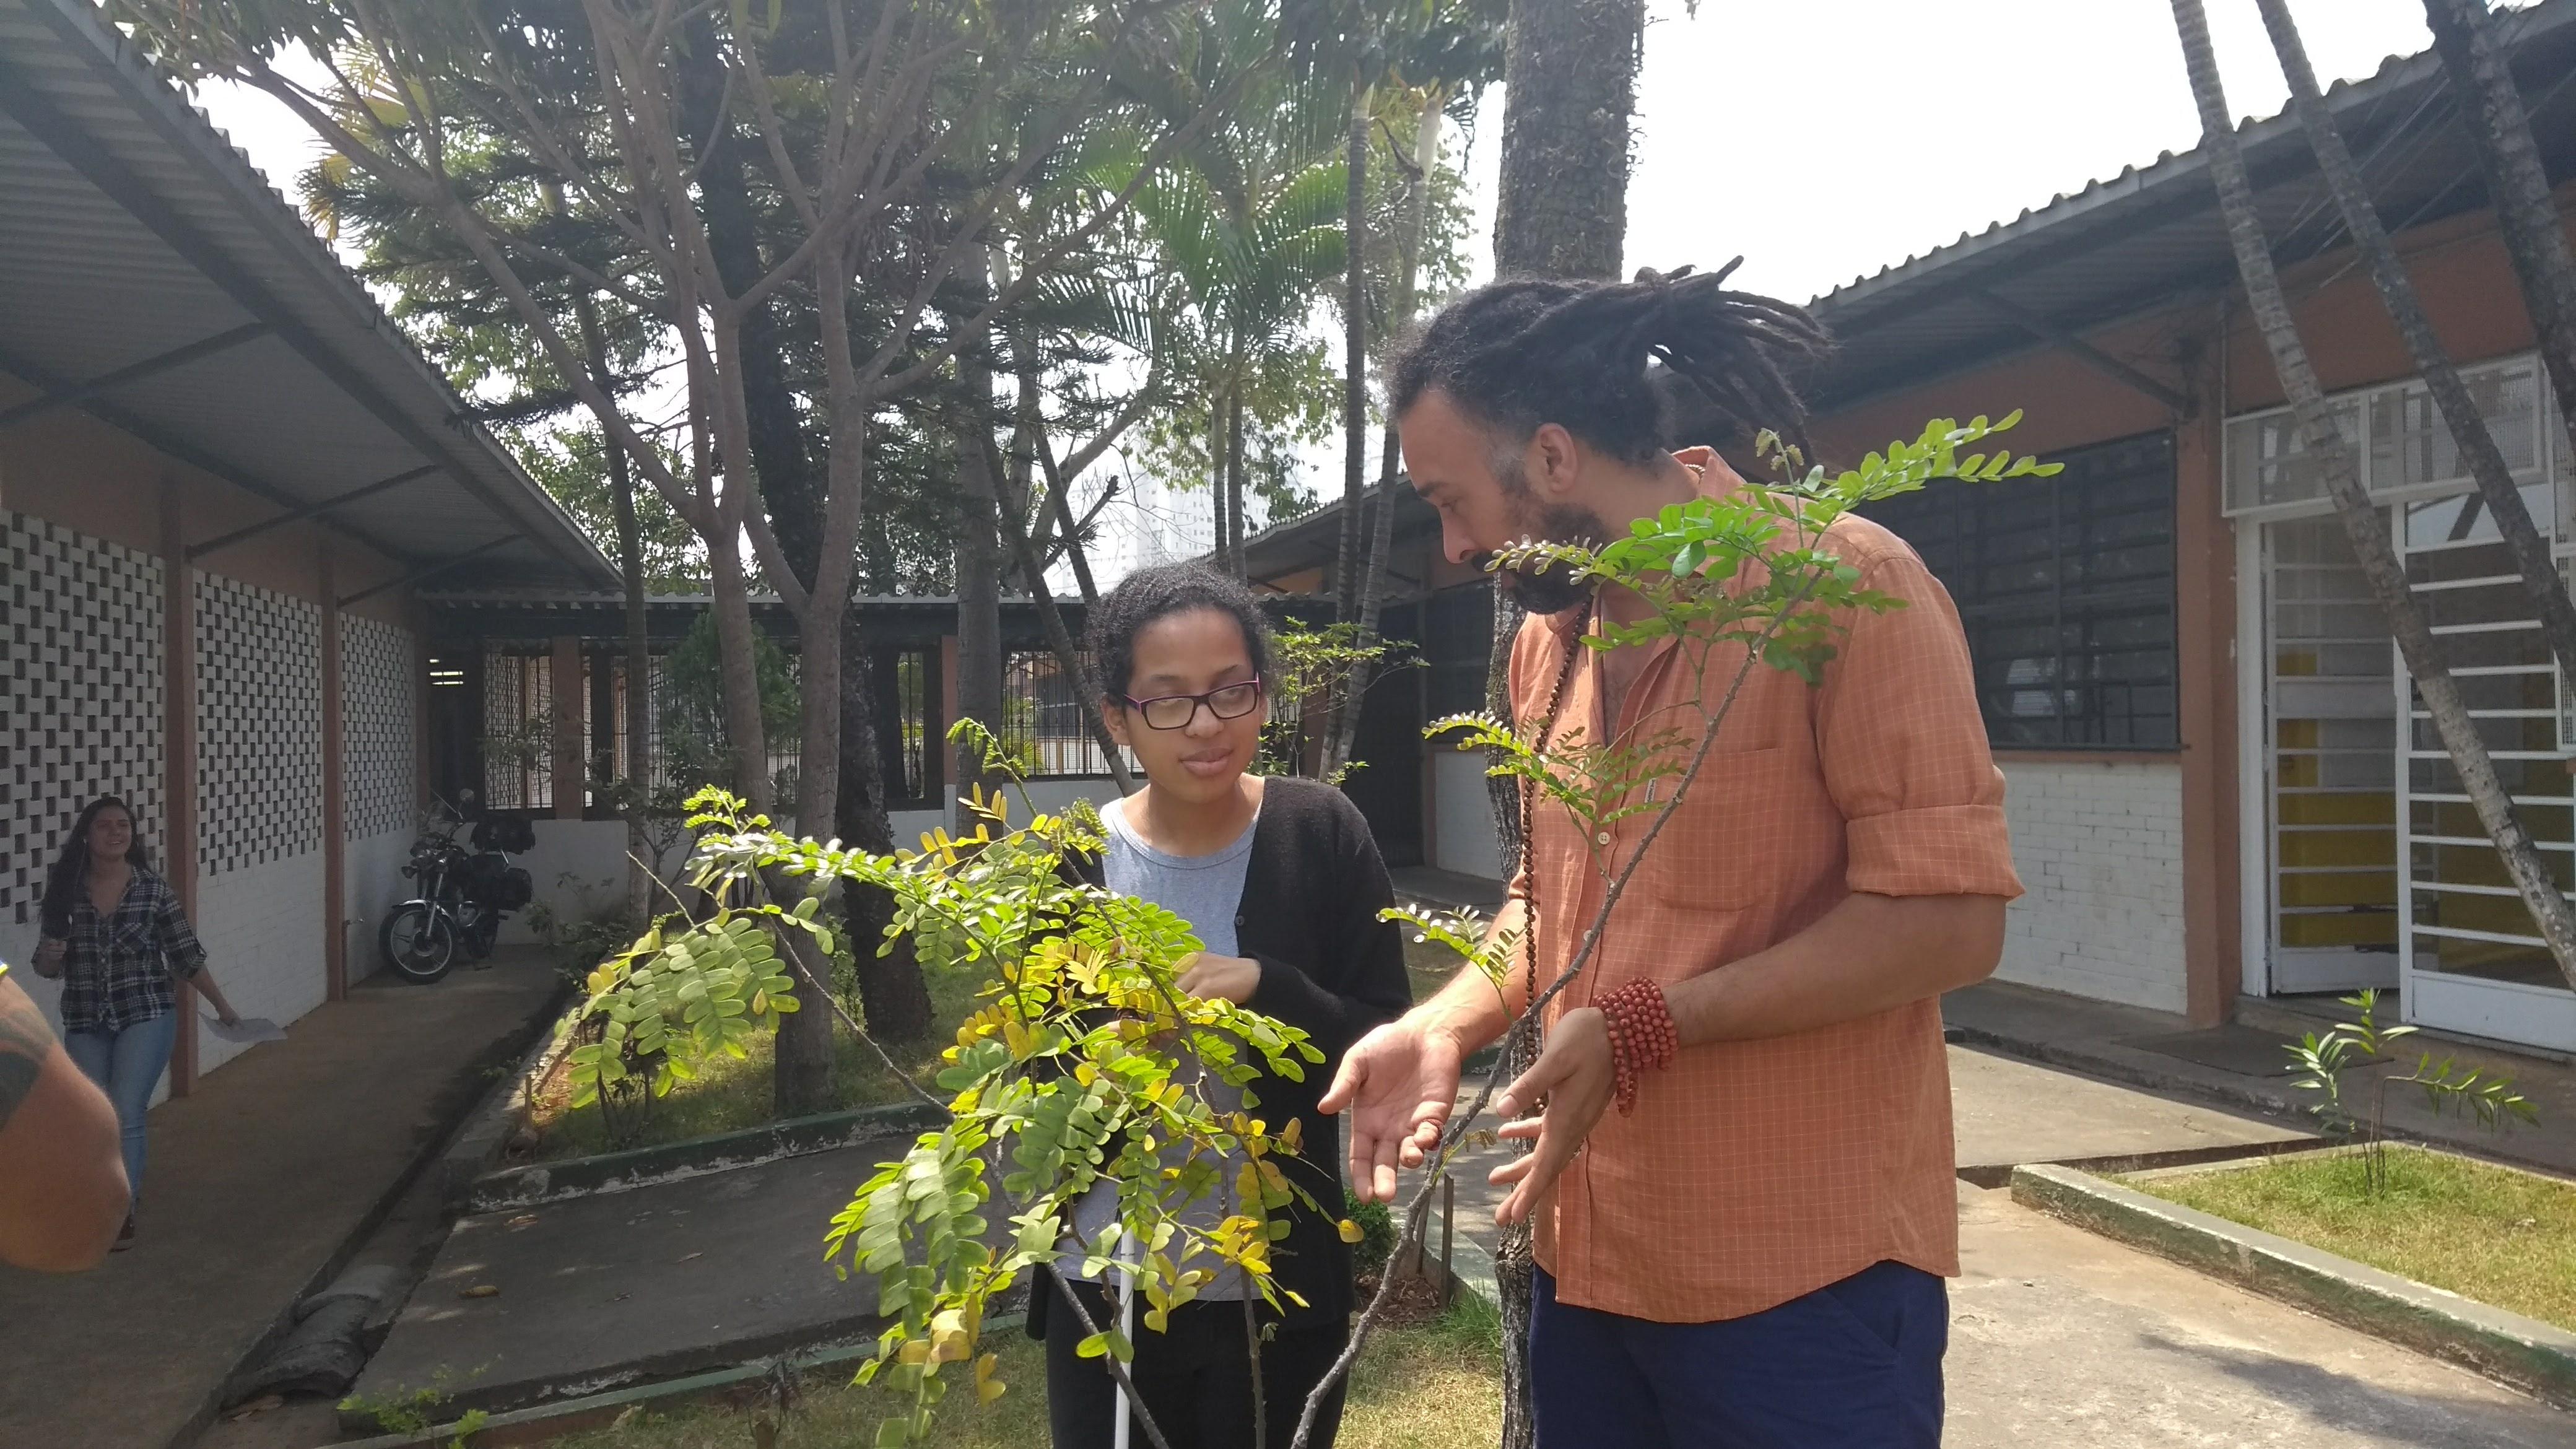 Professor orienta aluna a tocar em uma árvore no pátio da escola.